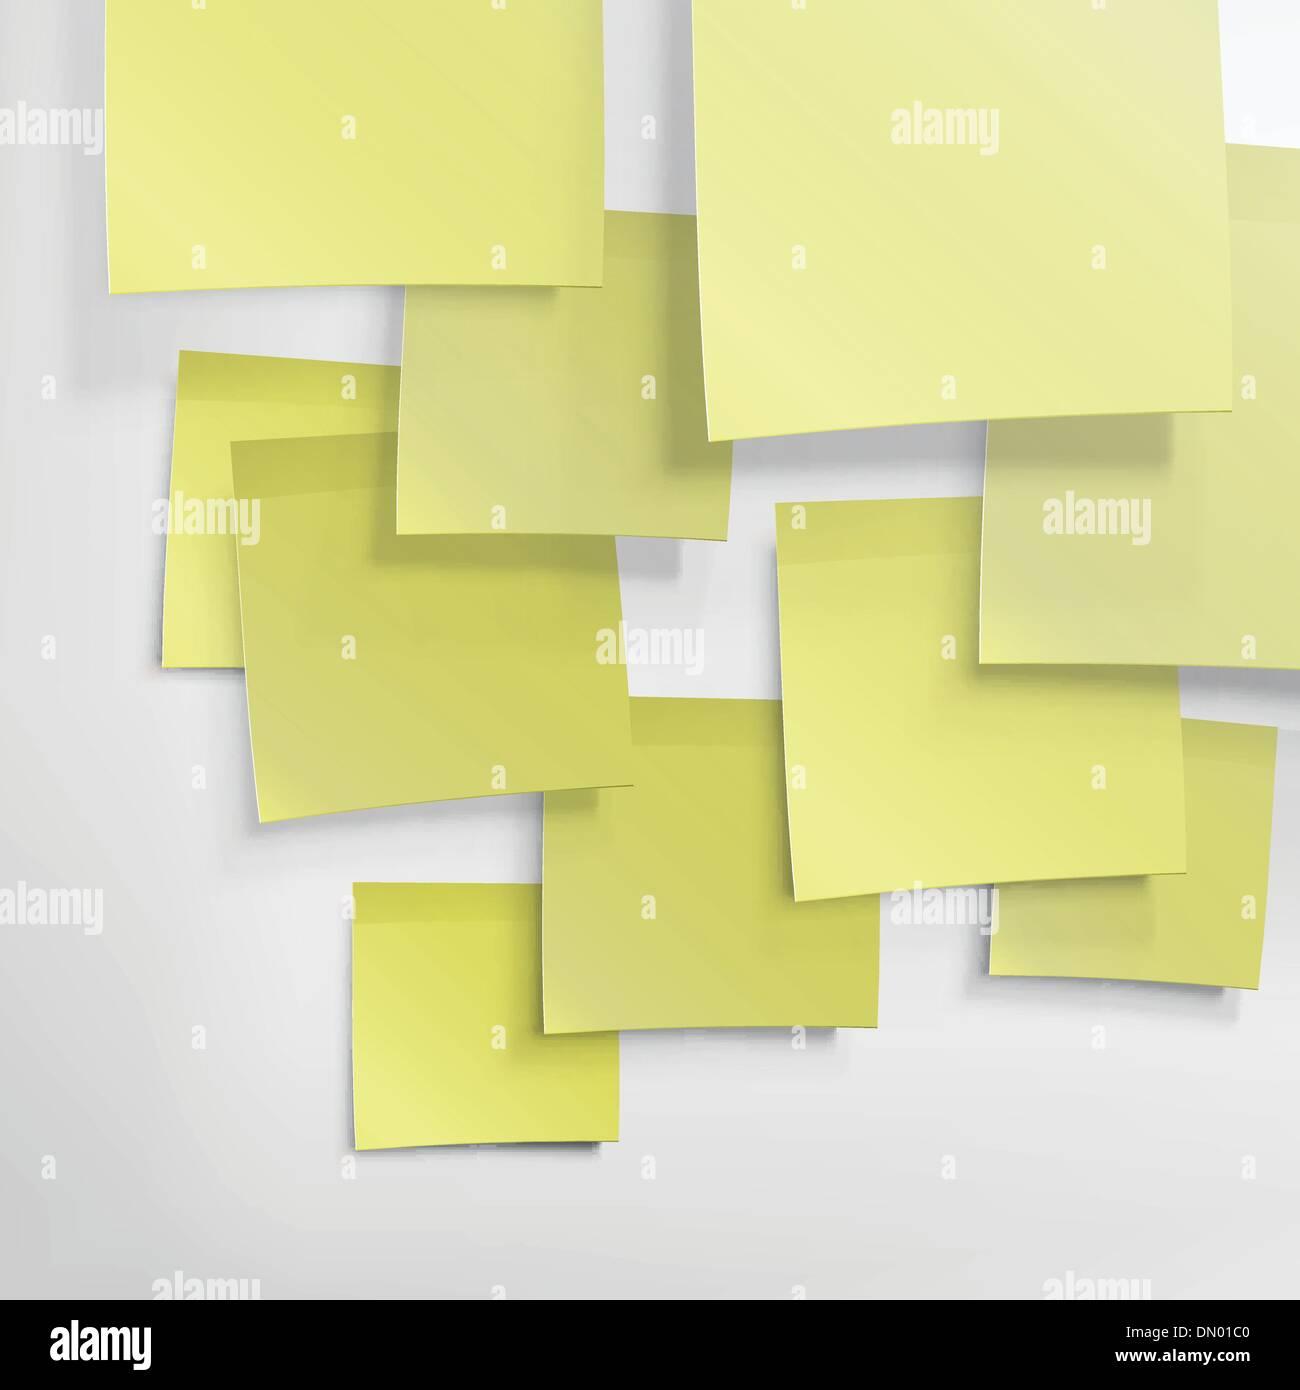 Gelben Haftnotizen. Zusammenfassung Hintergrund, Vektor, EPS10 Stockbild